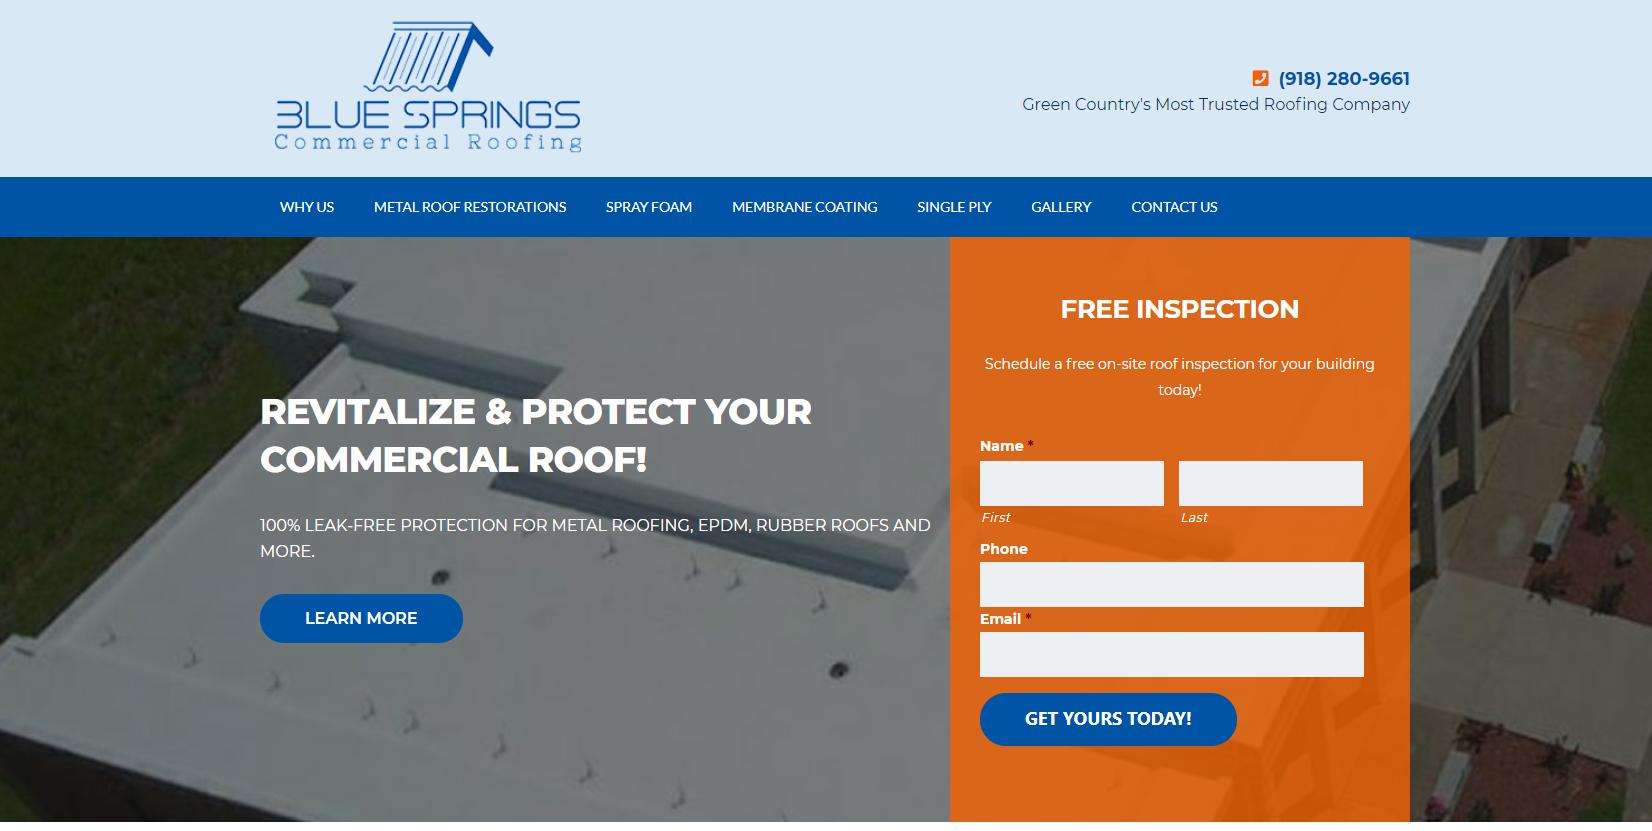 Blue Springs Homepage